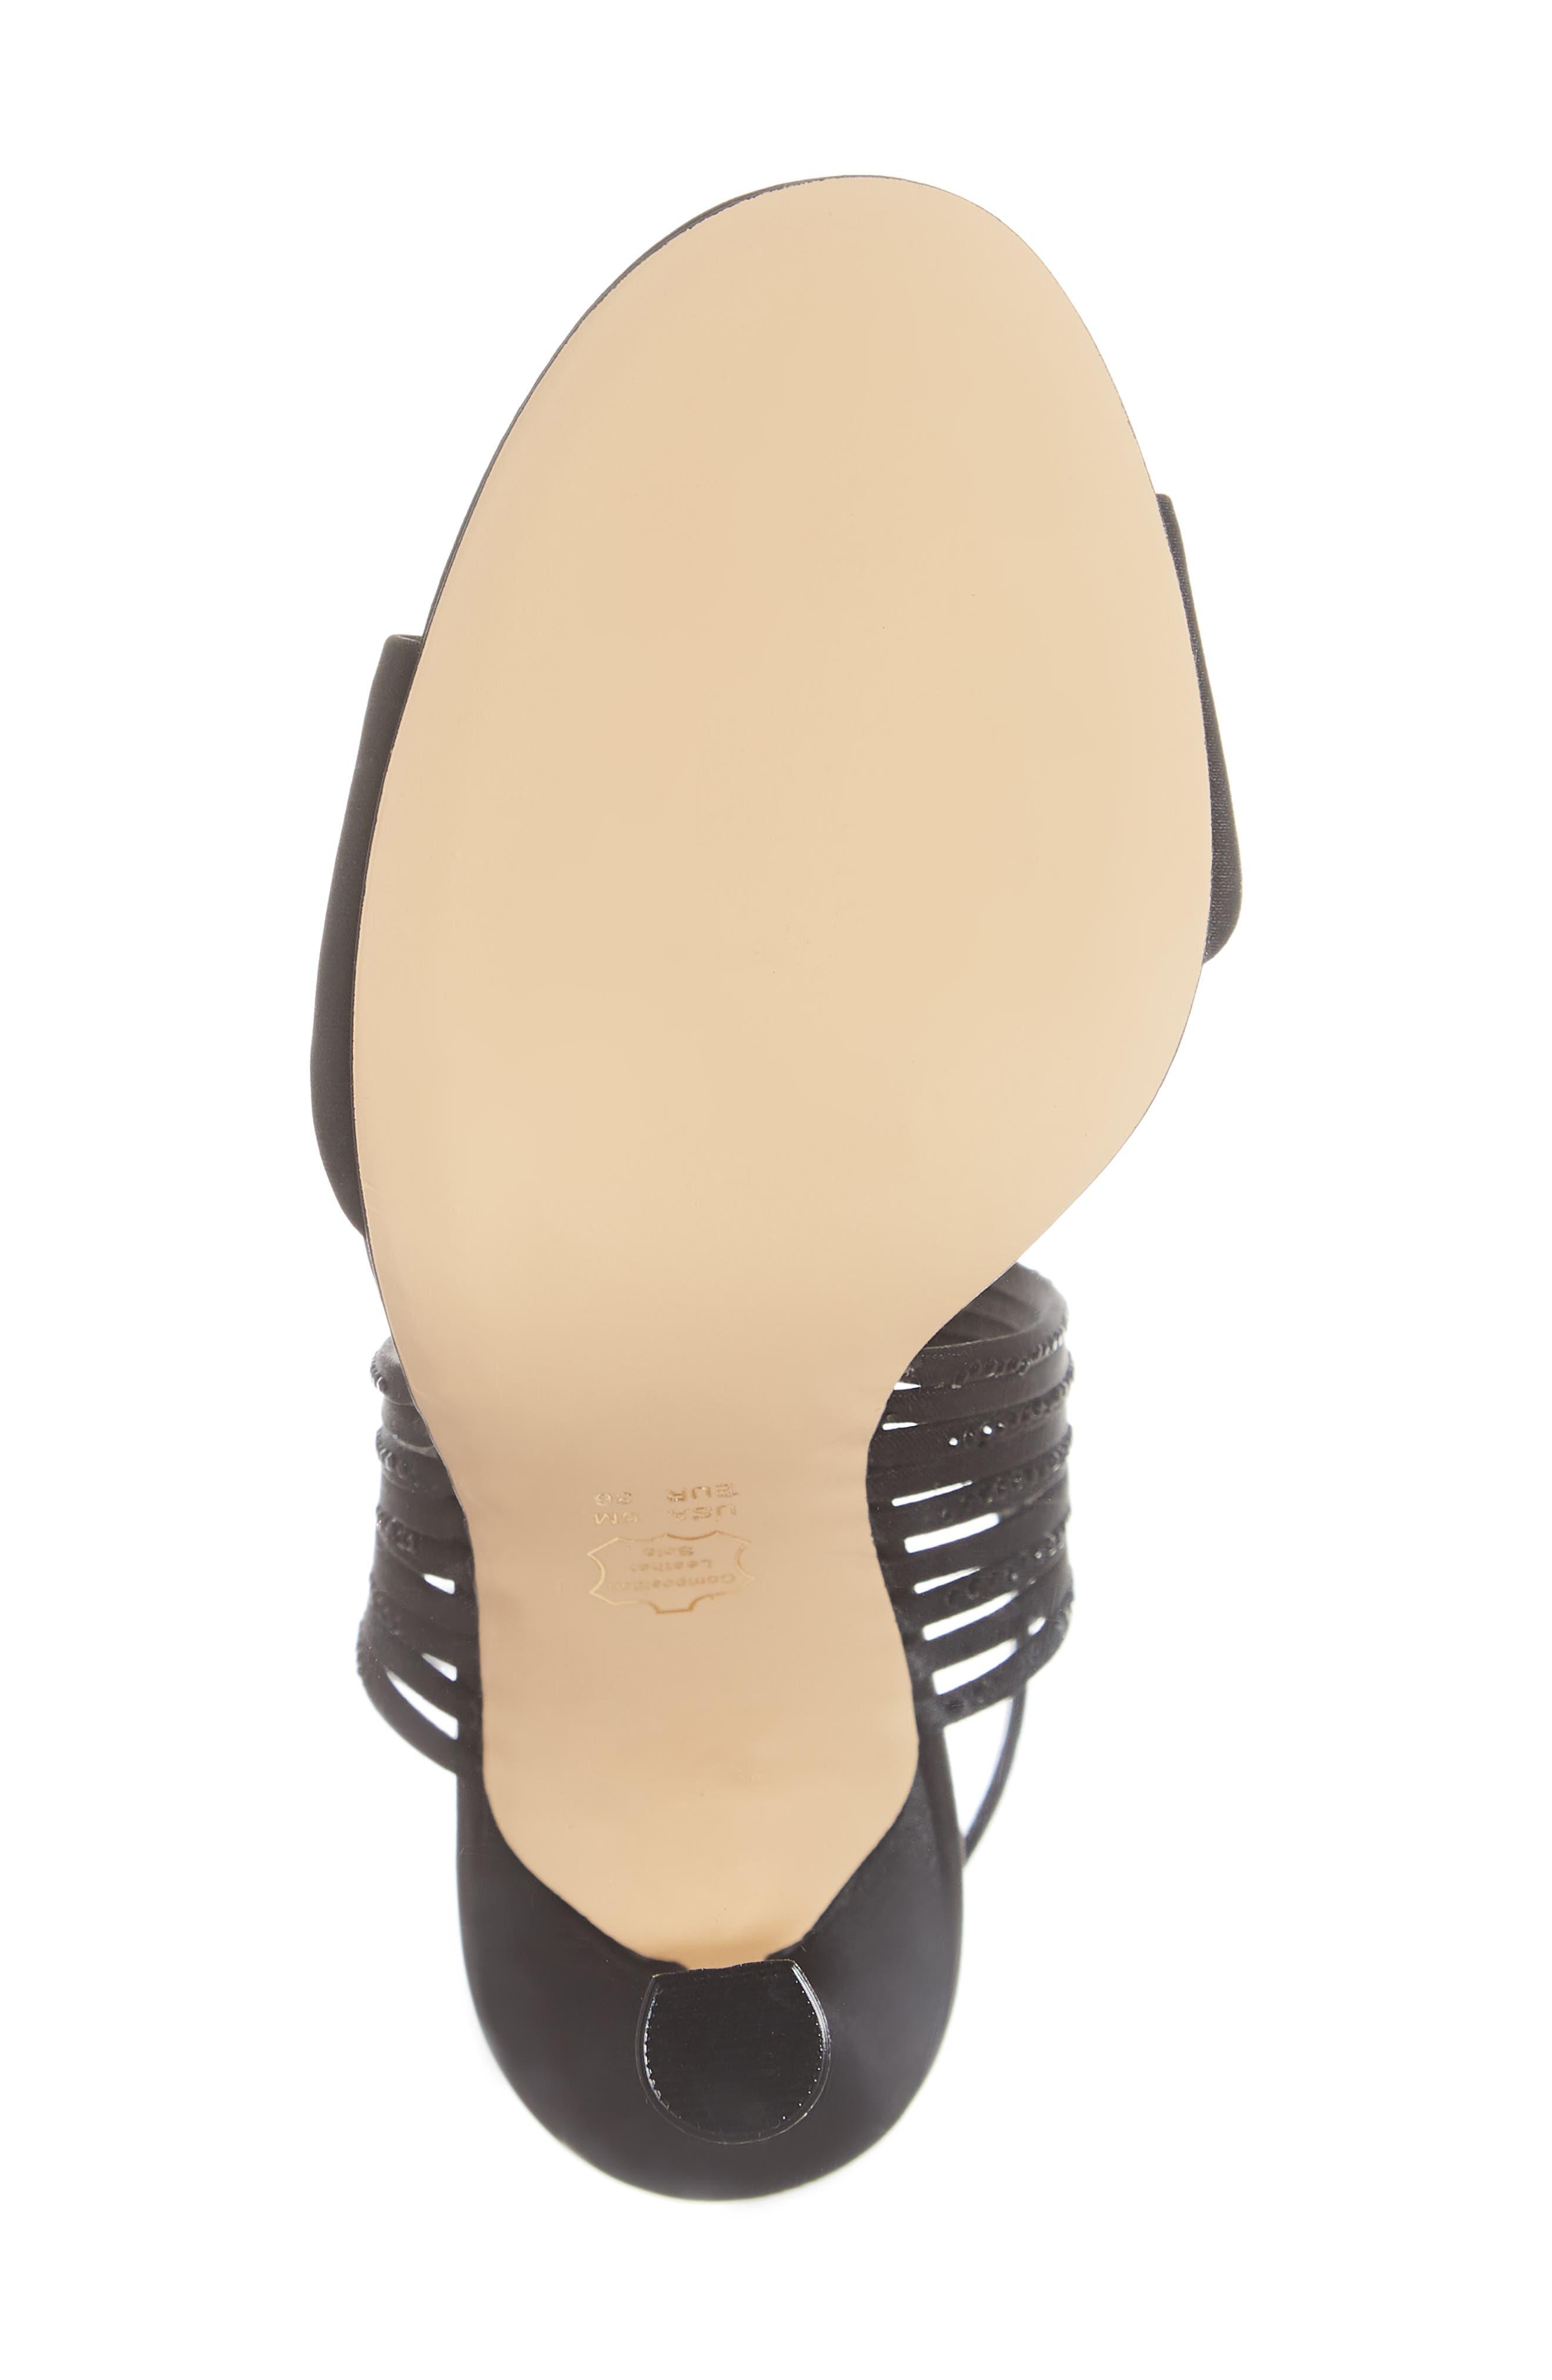 Damaris Crystal Embellished Sandal,                             Alternate thumbnail 6, color,                             BLACK SATIN